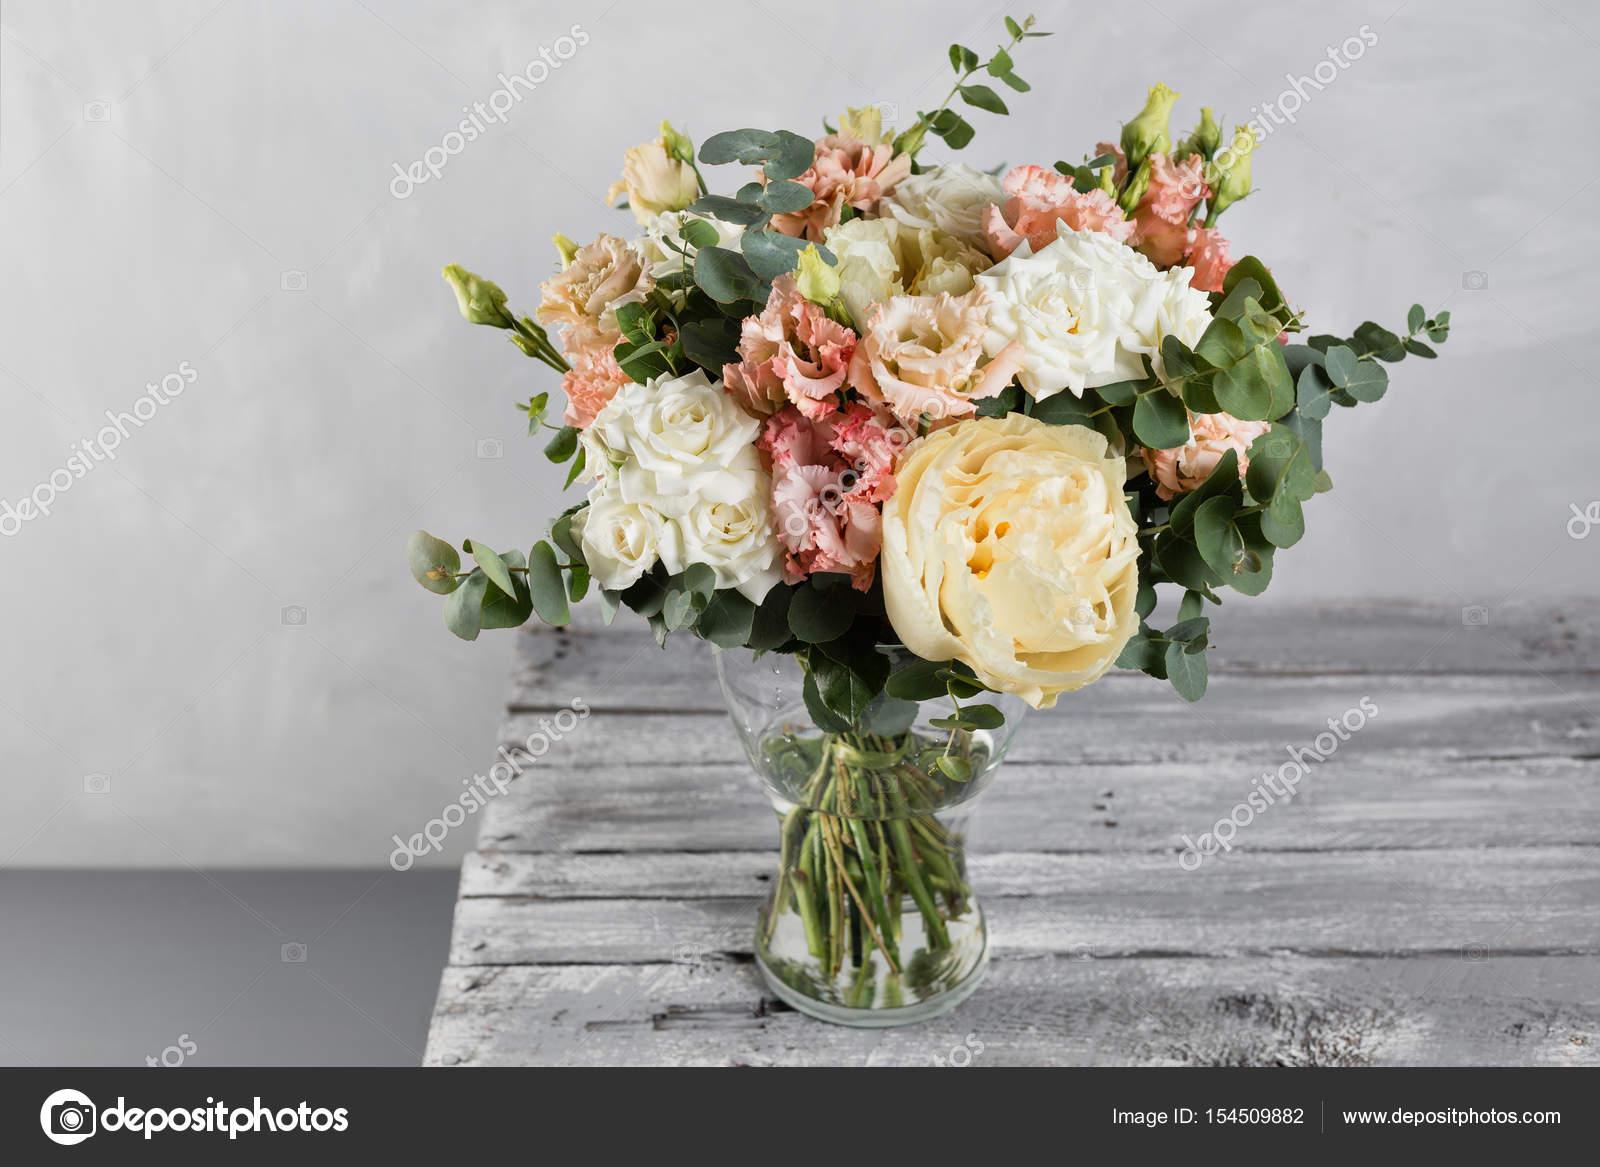 Vintage Brautstrauss Die Braute Schon Von Gemischten Blumen Und